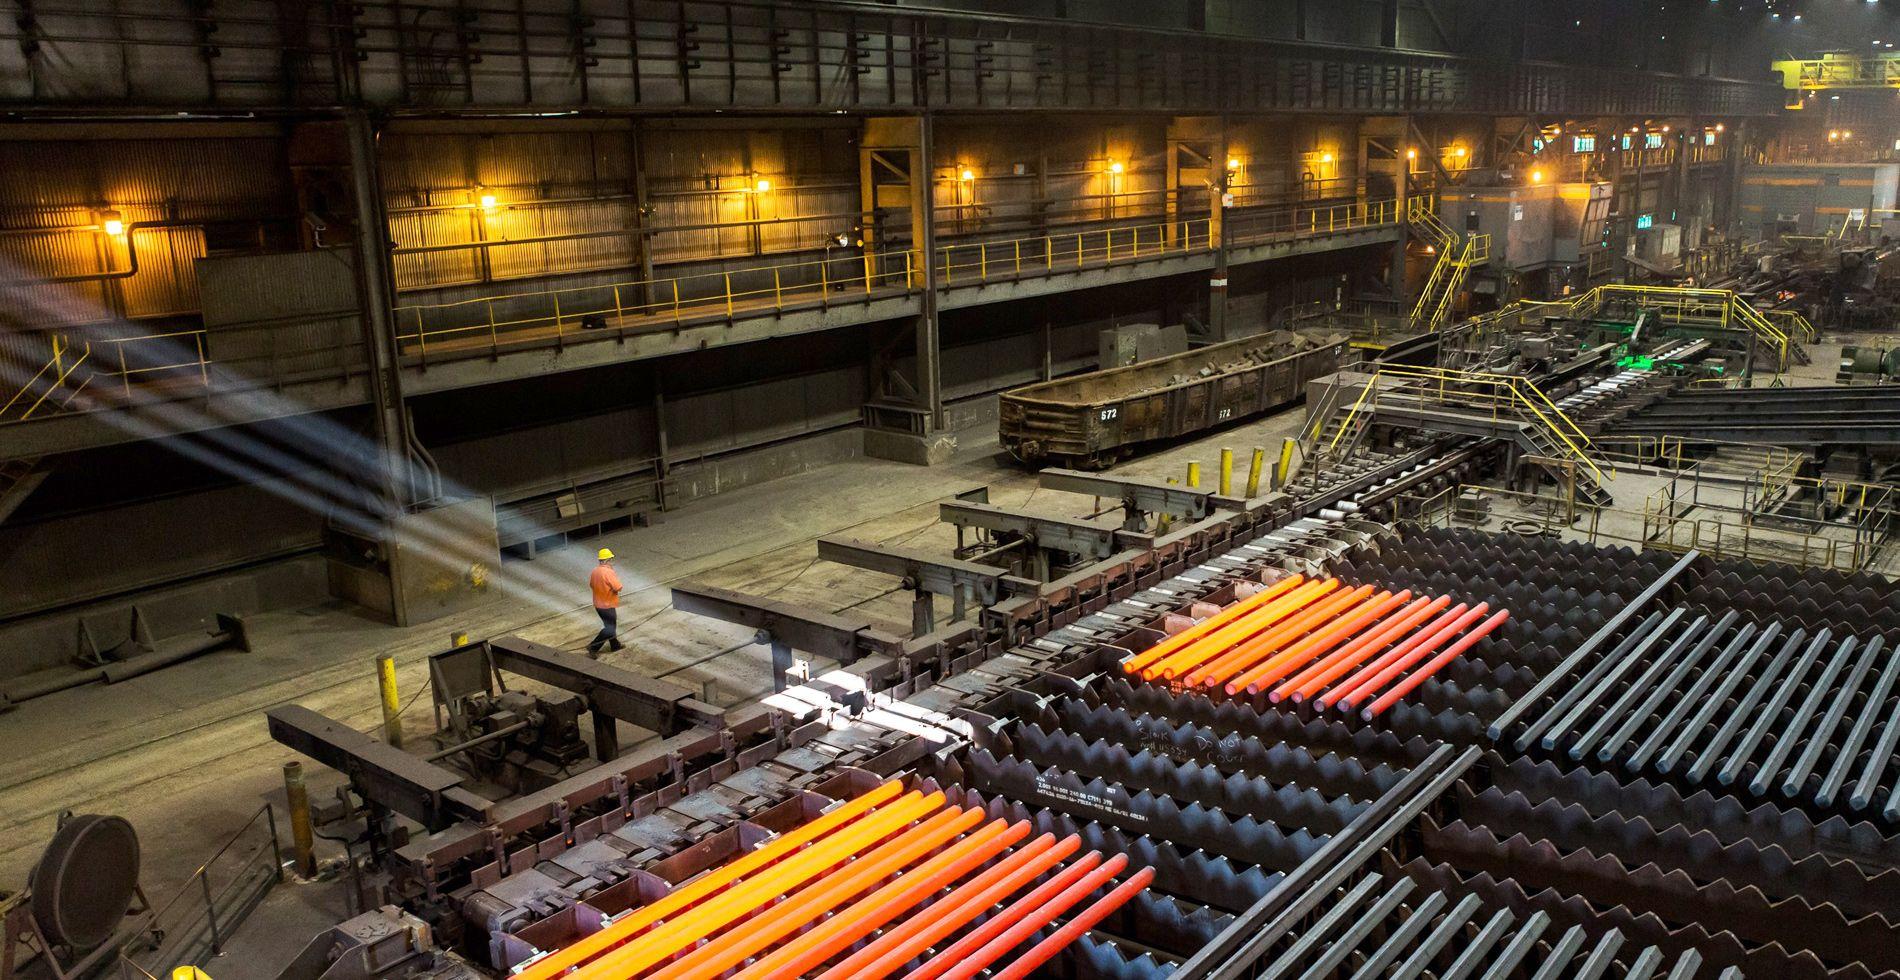 کاهش مصرف آب و انرژی فولادیها در گرو بروز کردن تکنولوژی است